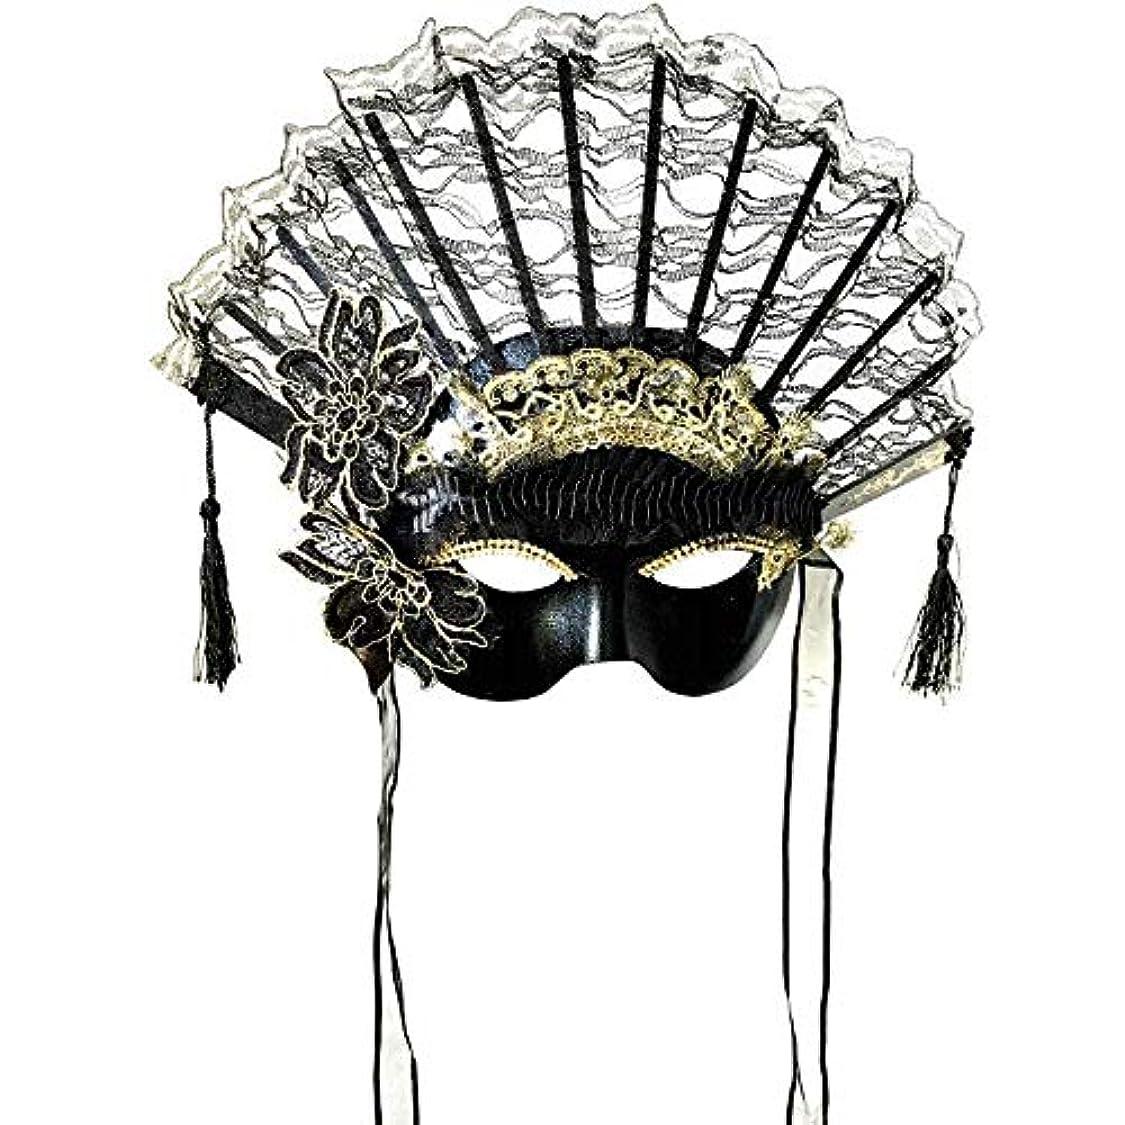 ライド選挙慈悲Nanle ハロウィンクリスマスレースファンシェイプフラワーフリンジビーズマスク仮装マスクレディミスプリンセス美容祭パーティーデコレーションマスク (色 : Black B)